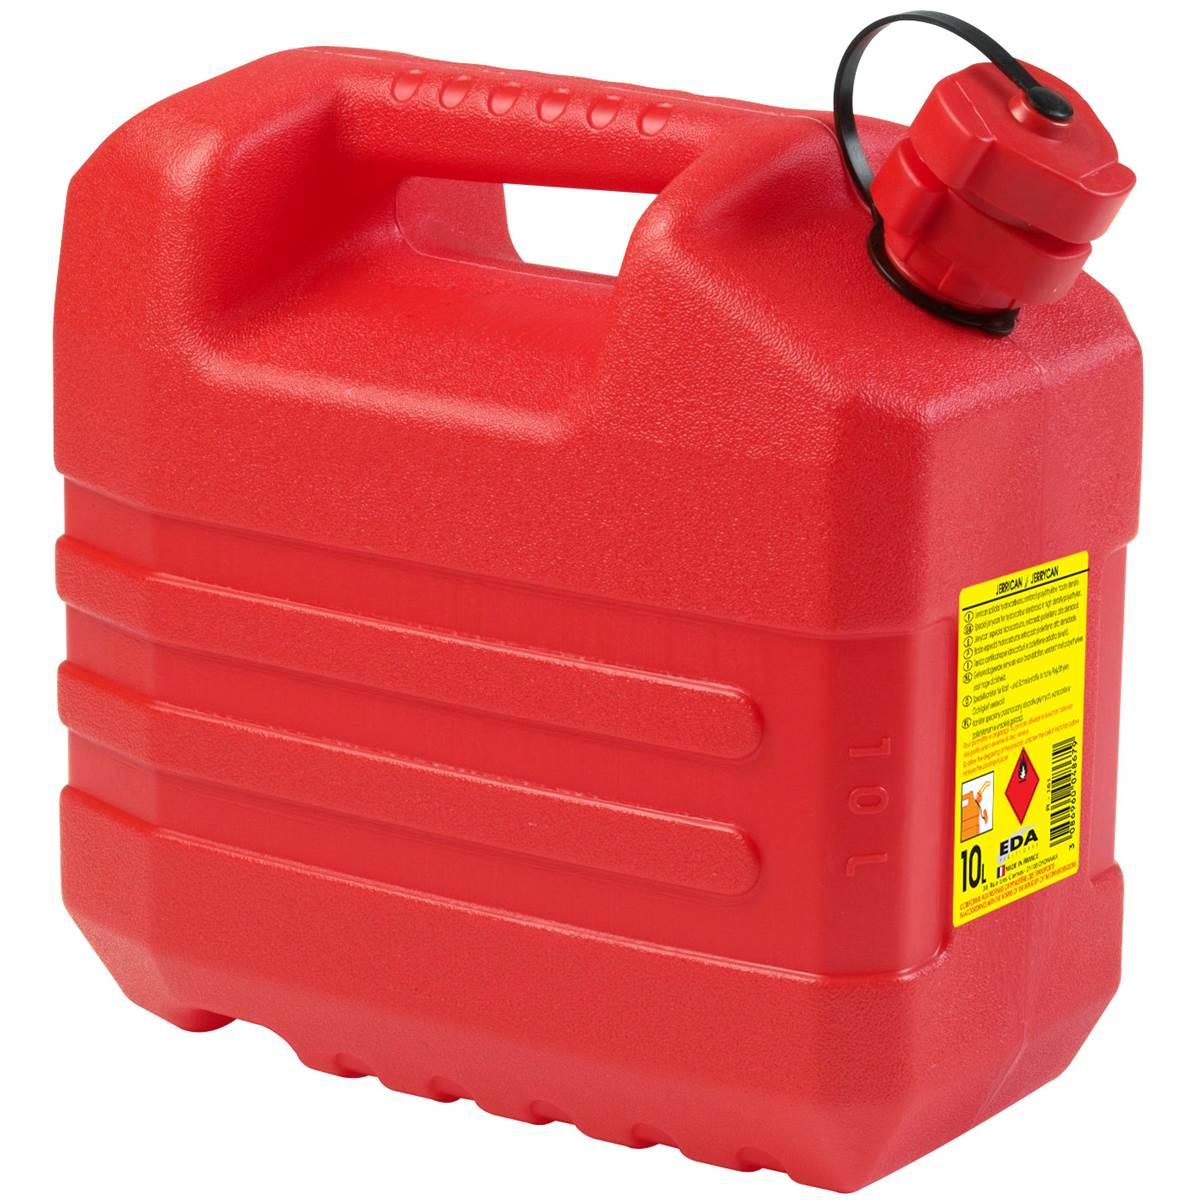 Jerrican 10 L Hydrocarbures